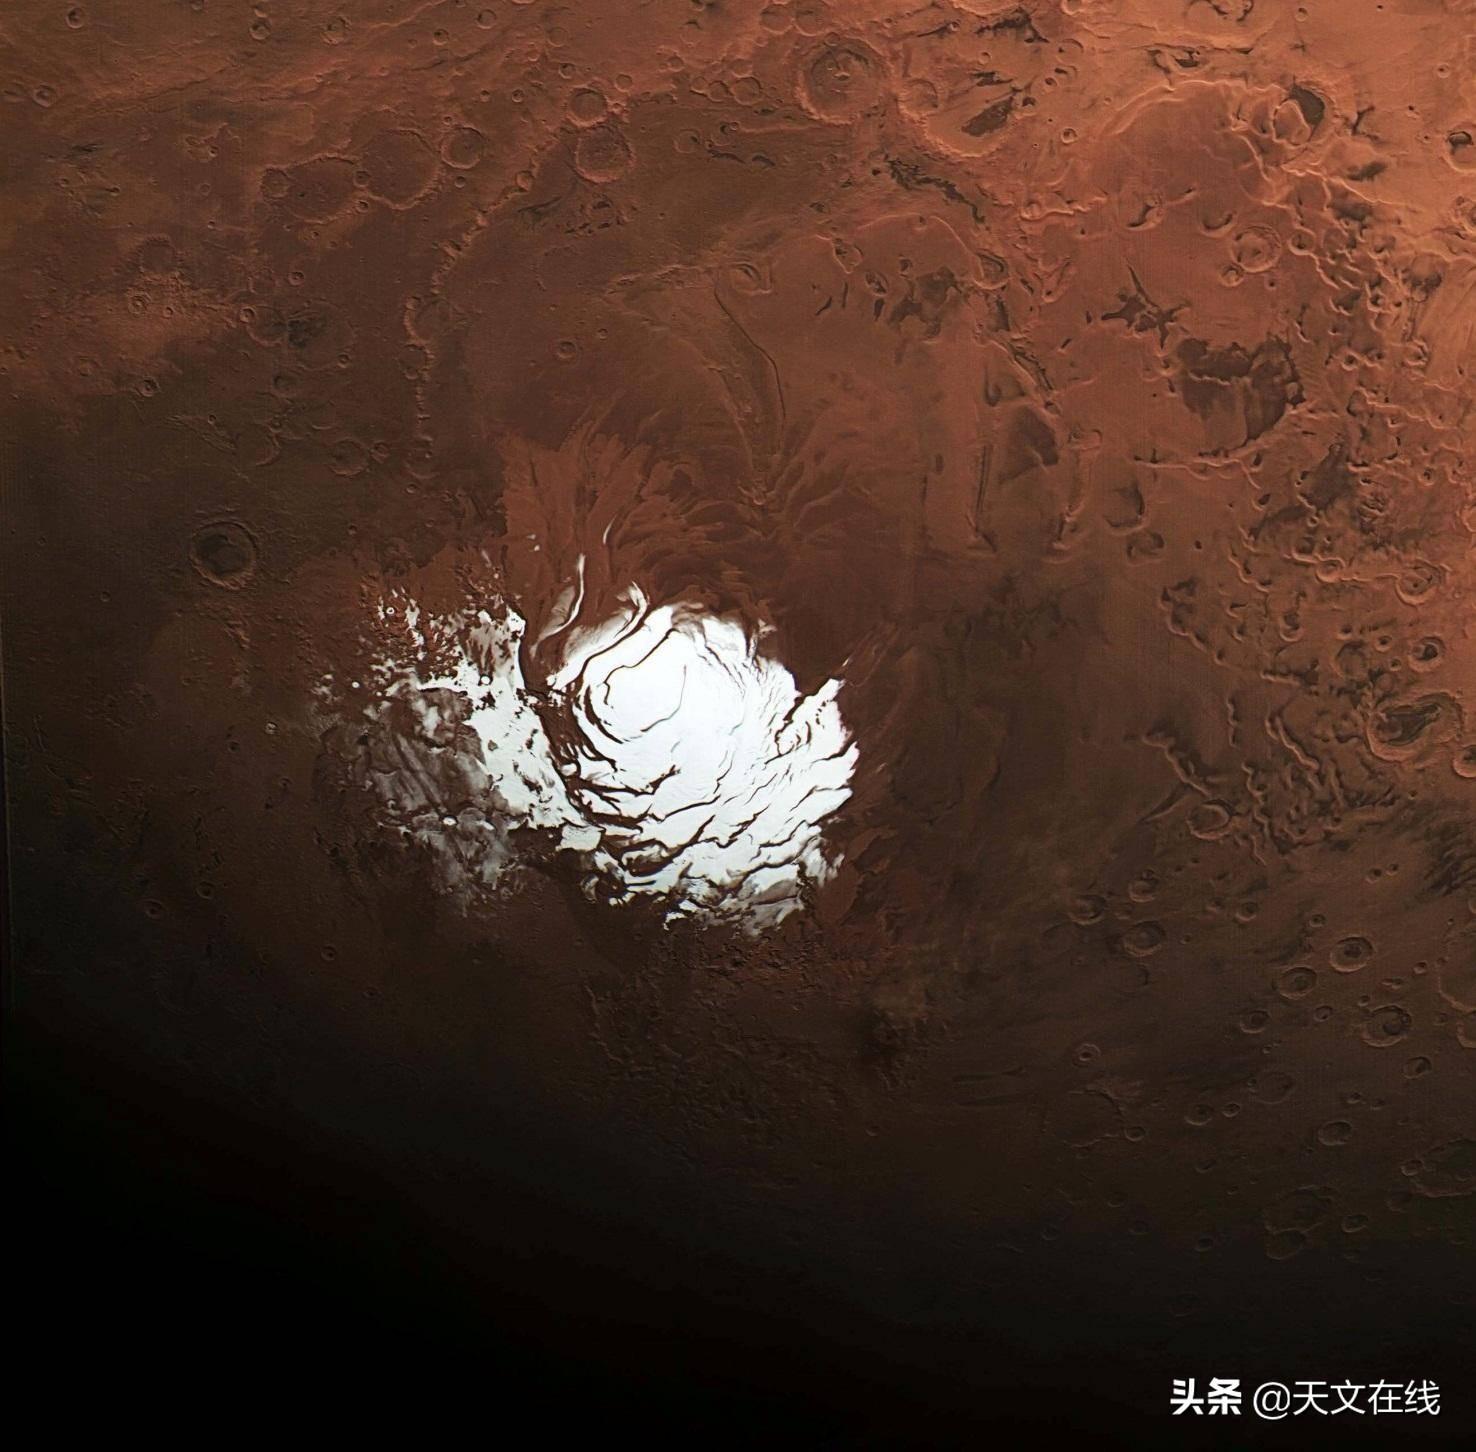 火星上存在隐藏湖泊!科学家们是怎么发现的?答案你可能不会想到